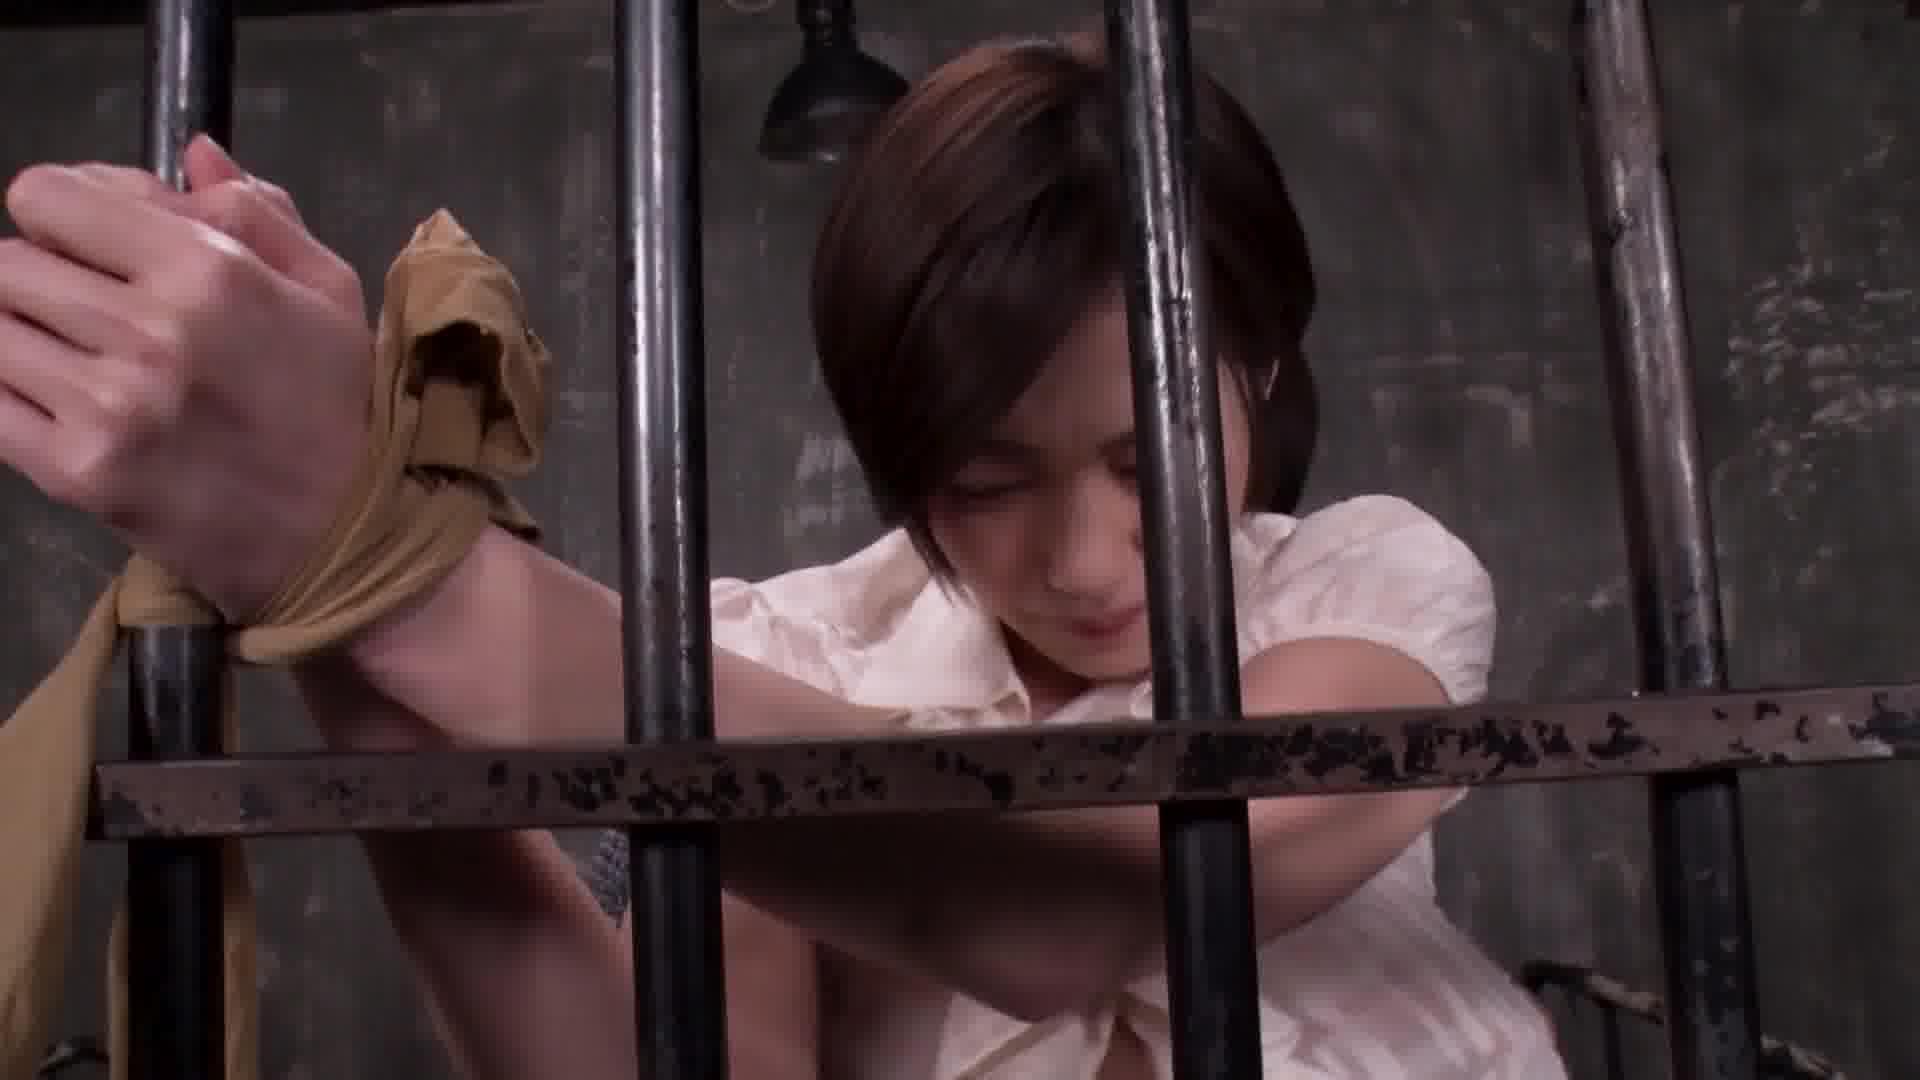 江波りゅうを手懐ける ~中出しを乞う淫乱性奴隷~ – 江波りゅう【痴女・ハード系・中出し】